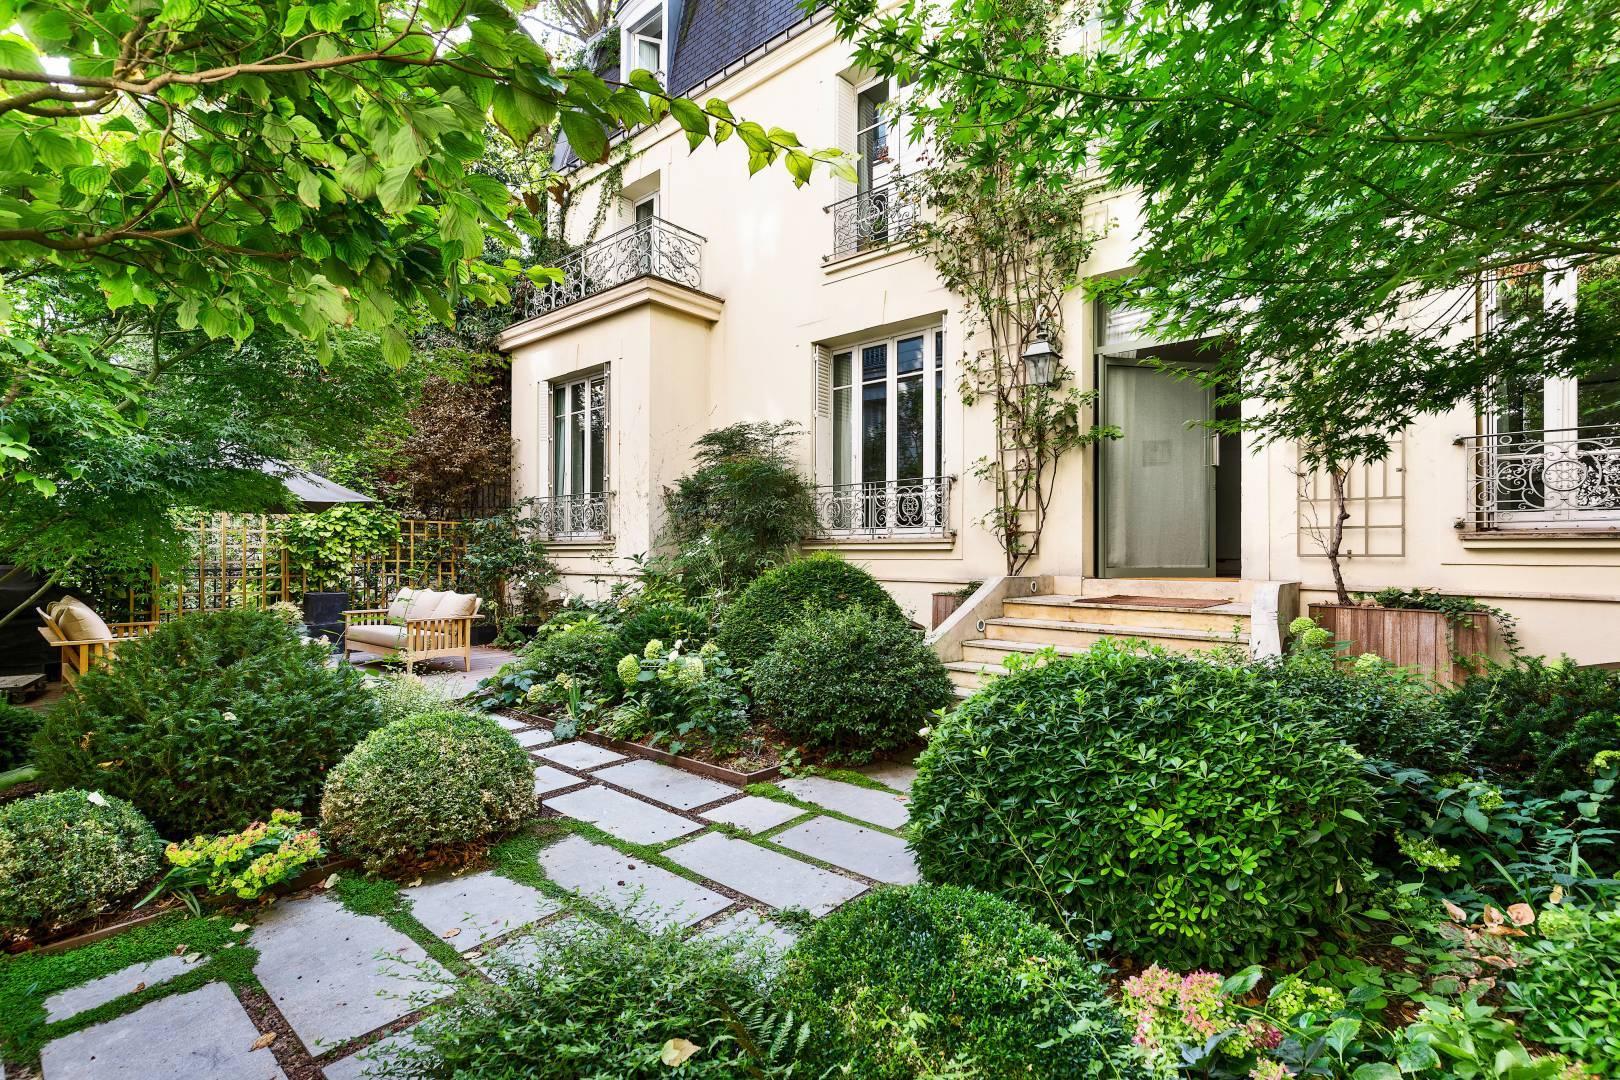 Immobilier - Les ventes de logements de luxe battent des records à Paris